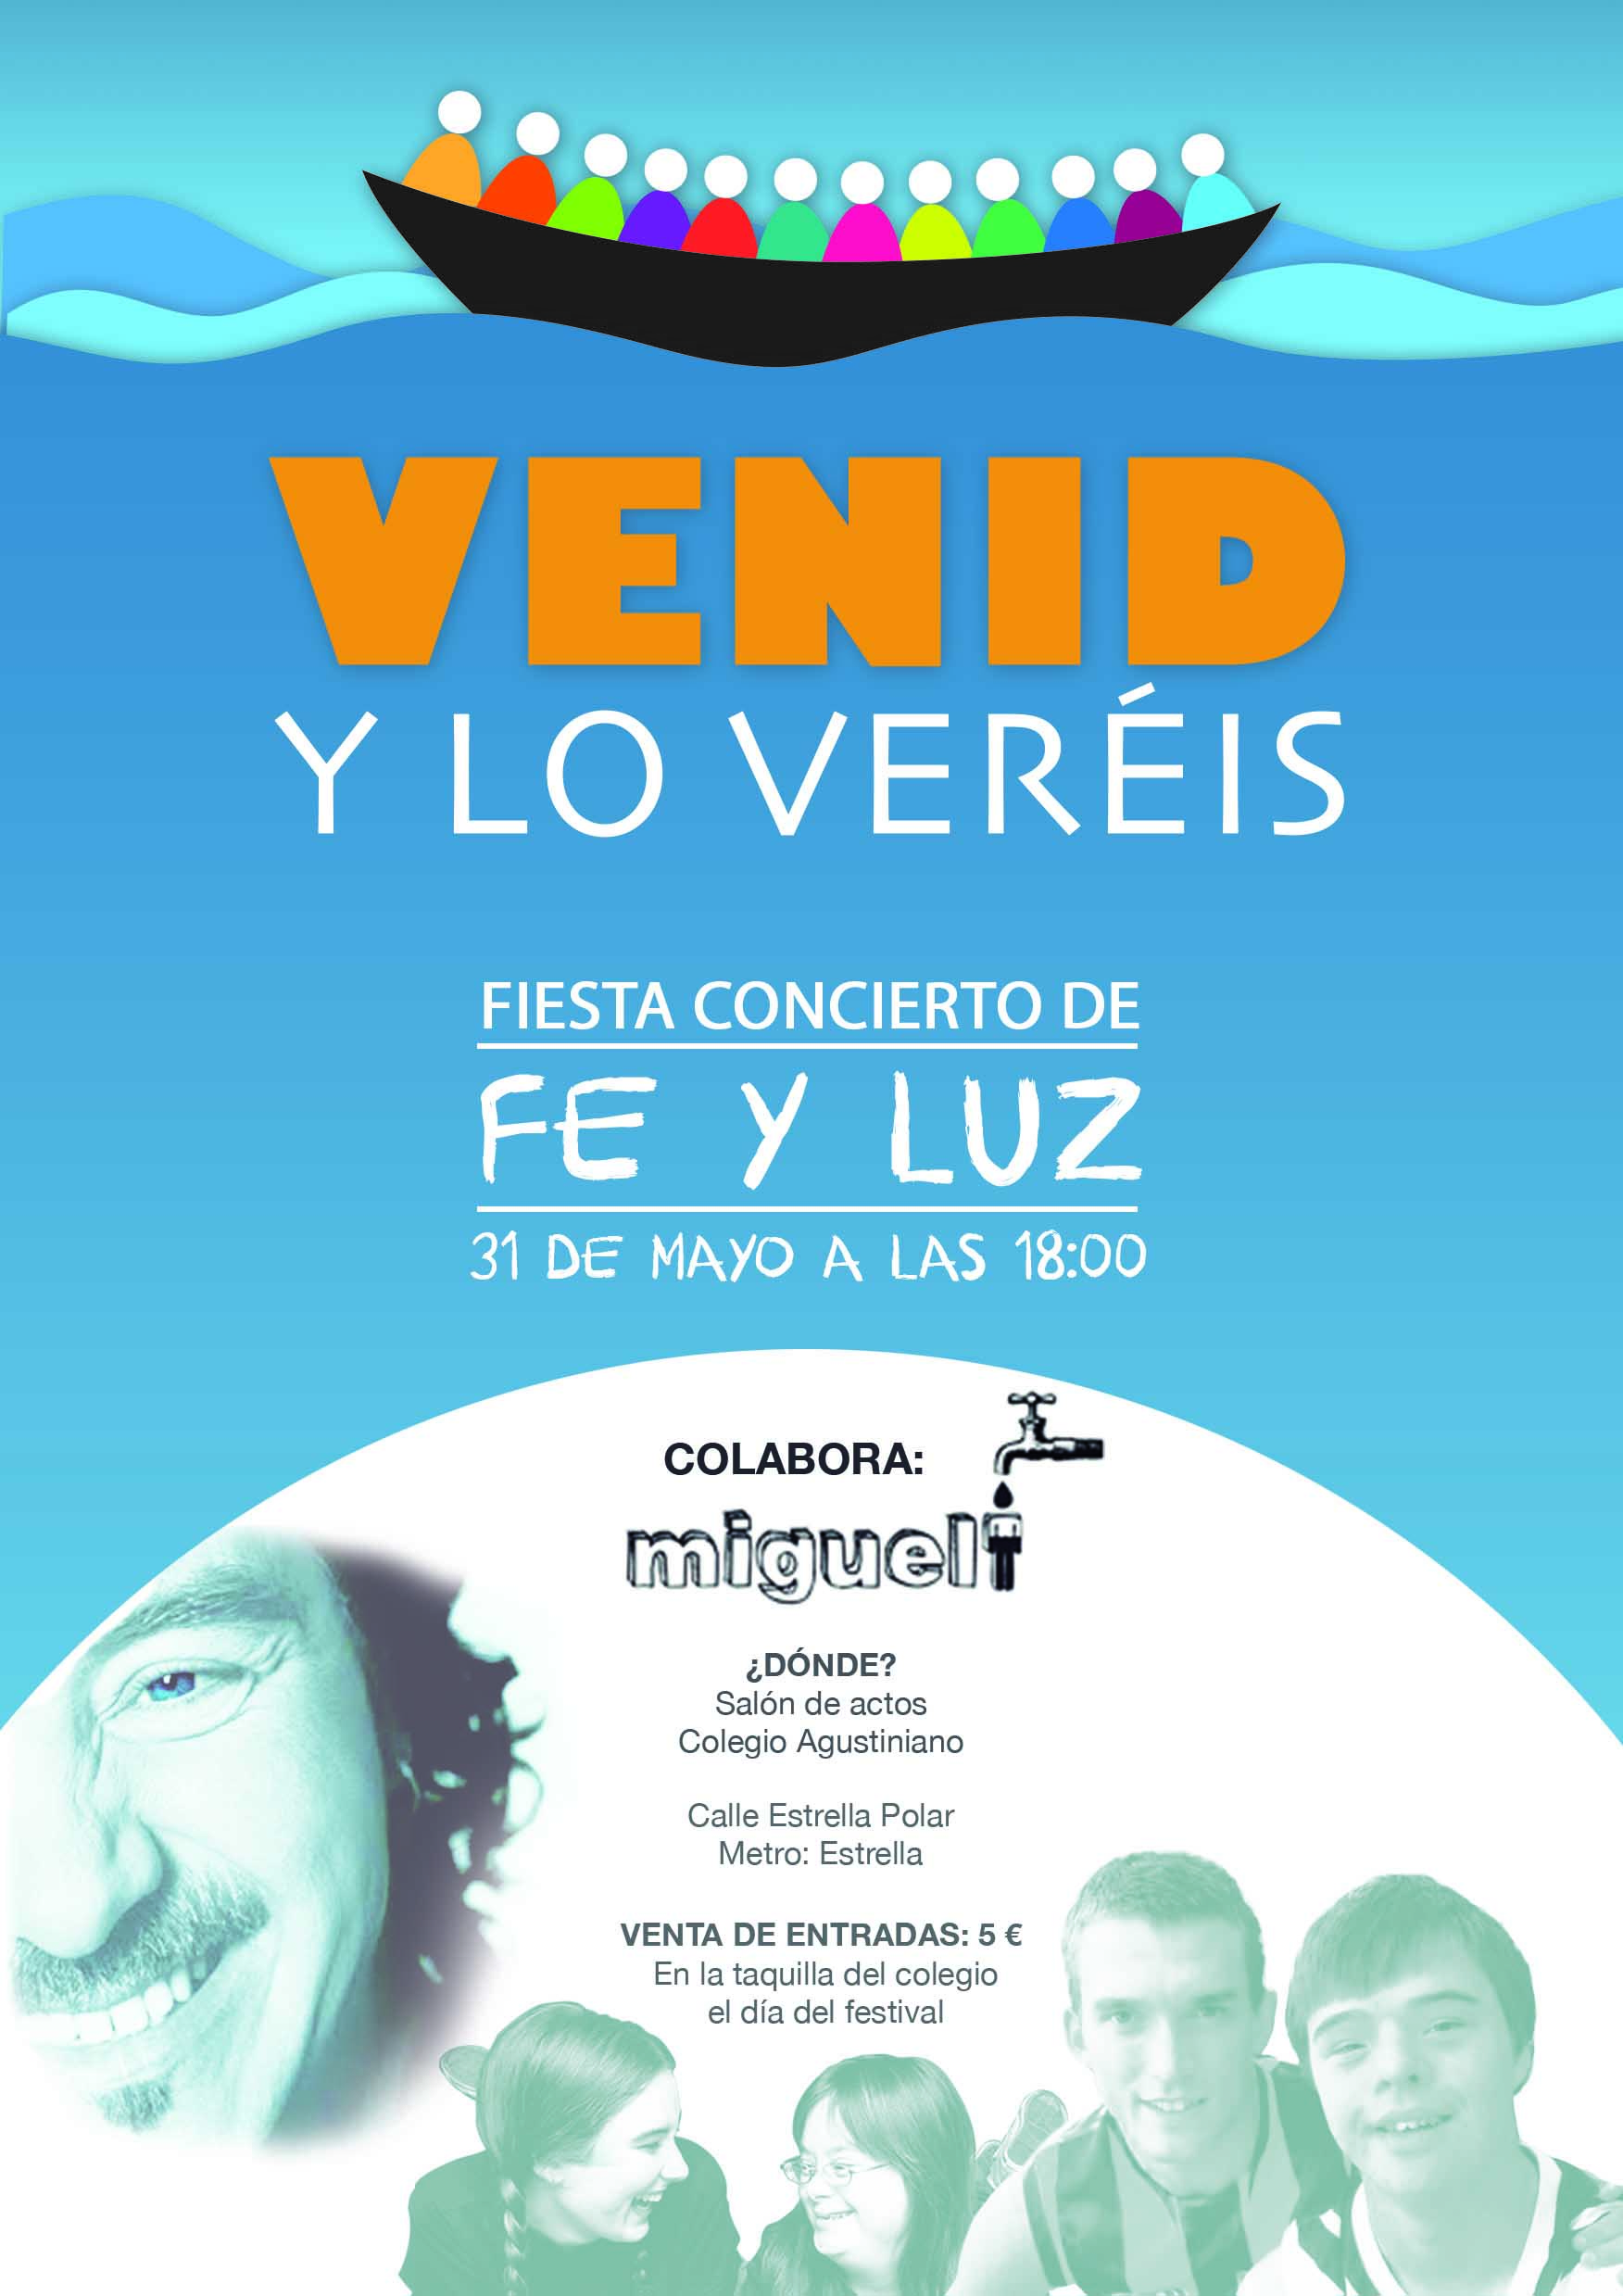 Fiesta concierto Fe y Luz